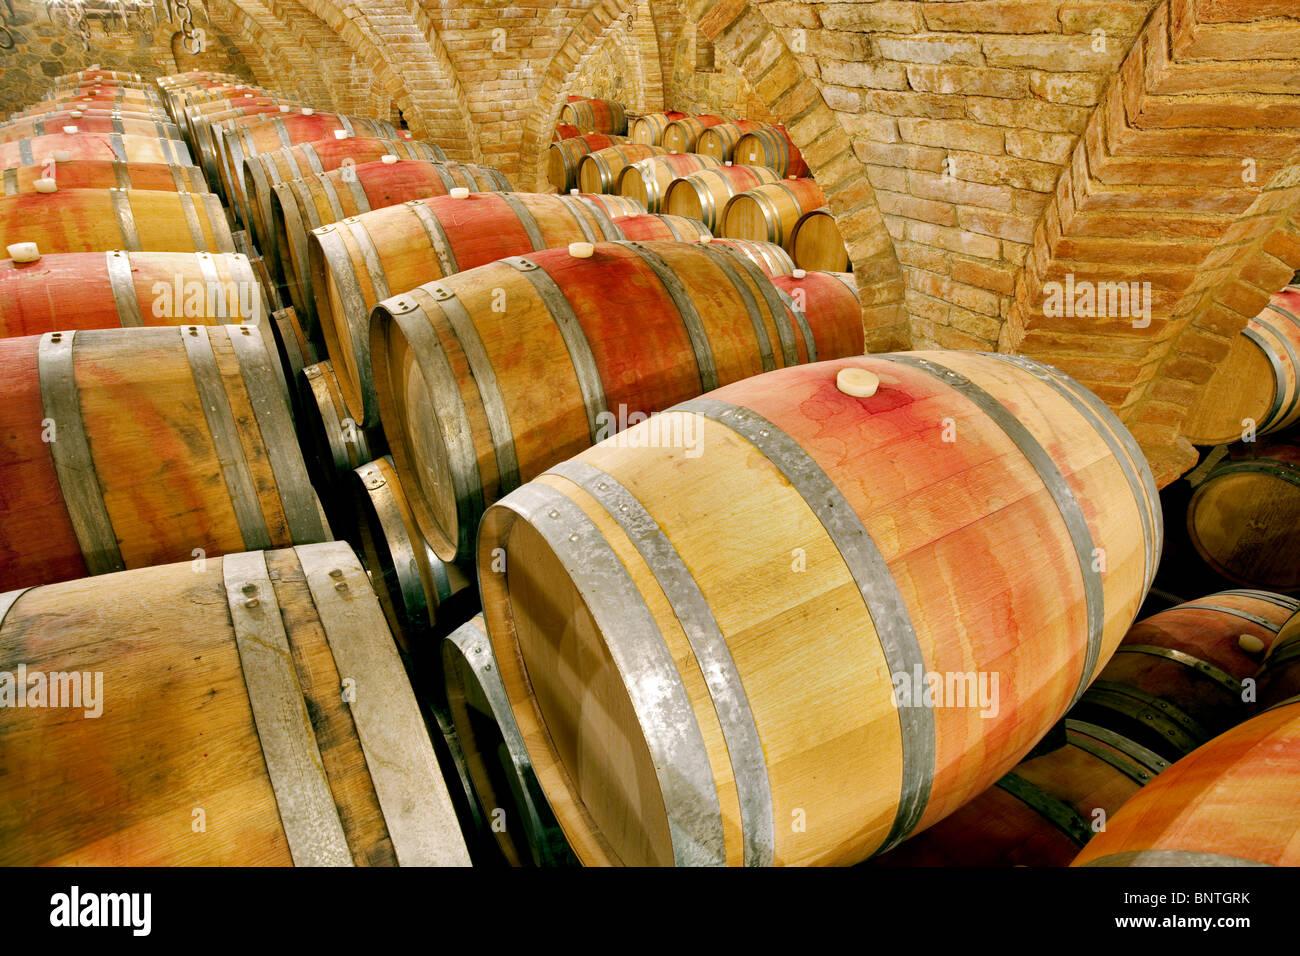 Vieillissement en fûts de vin en cave. Castello di Amerorosa. Napa Valley, Californie. Parution de la propriété Photo Stock